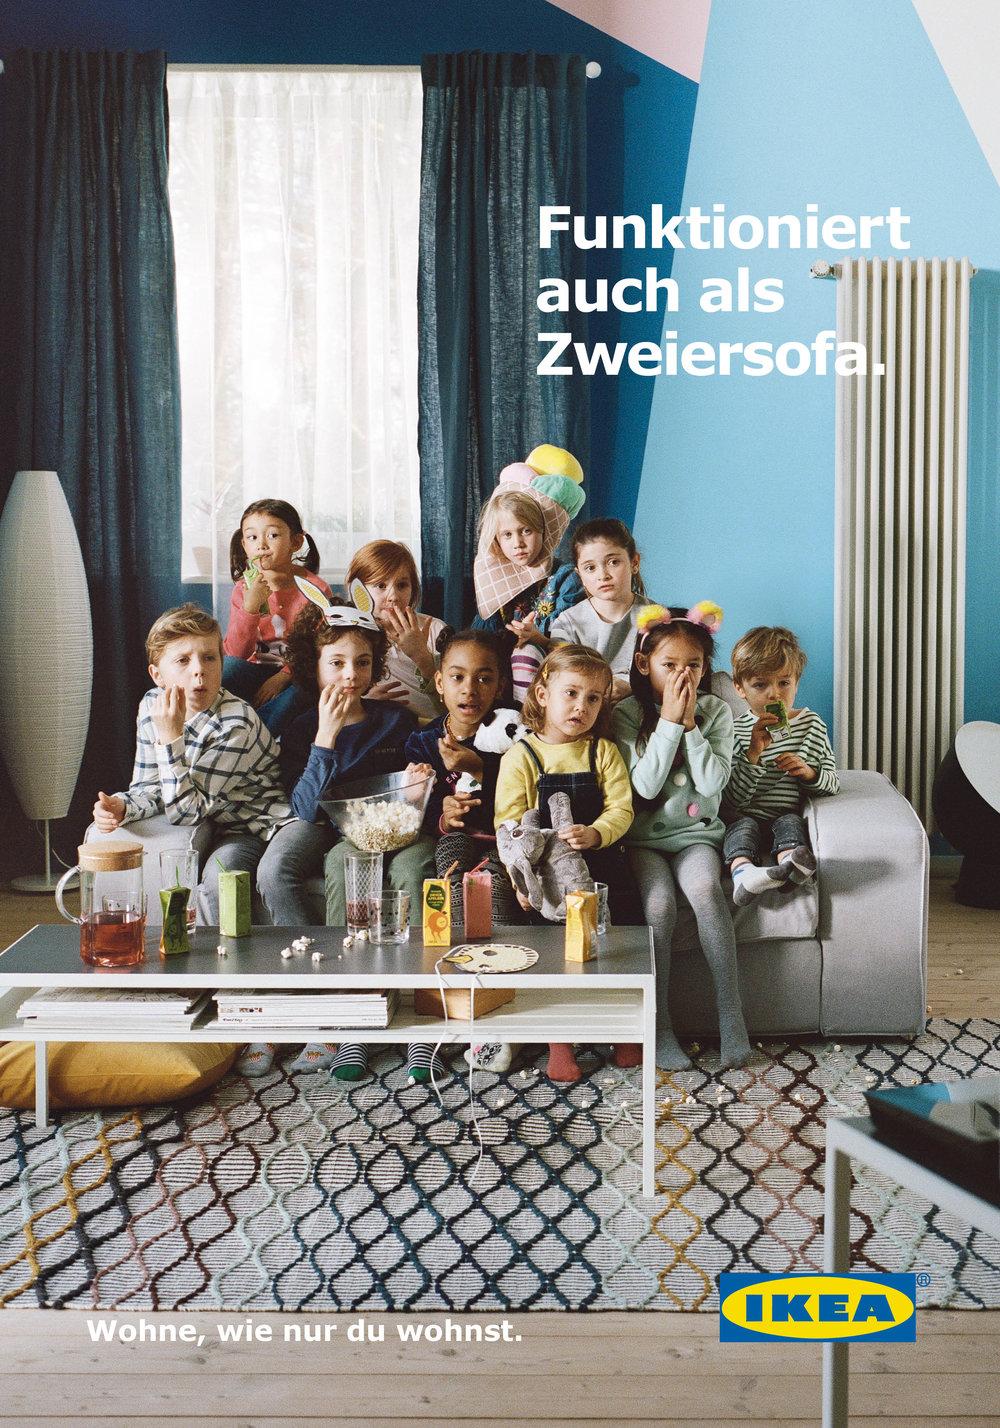 IKEA_3_Dominique_Magnusson